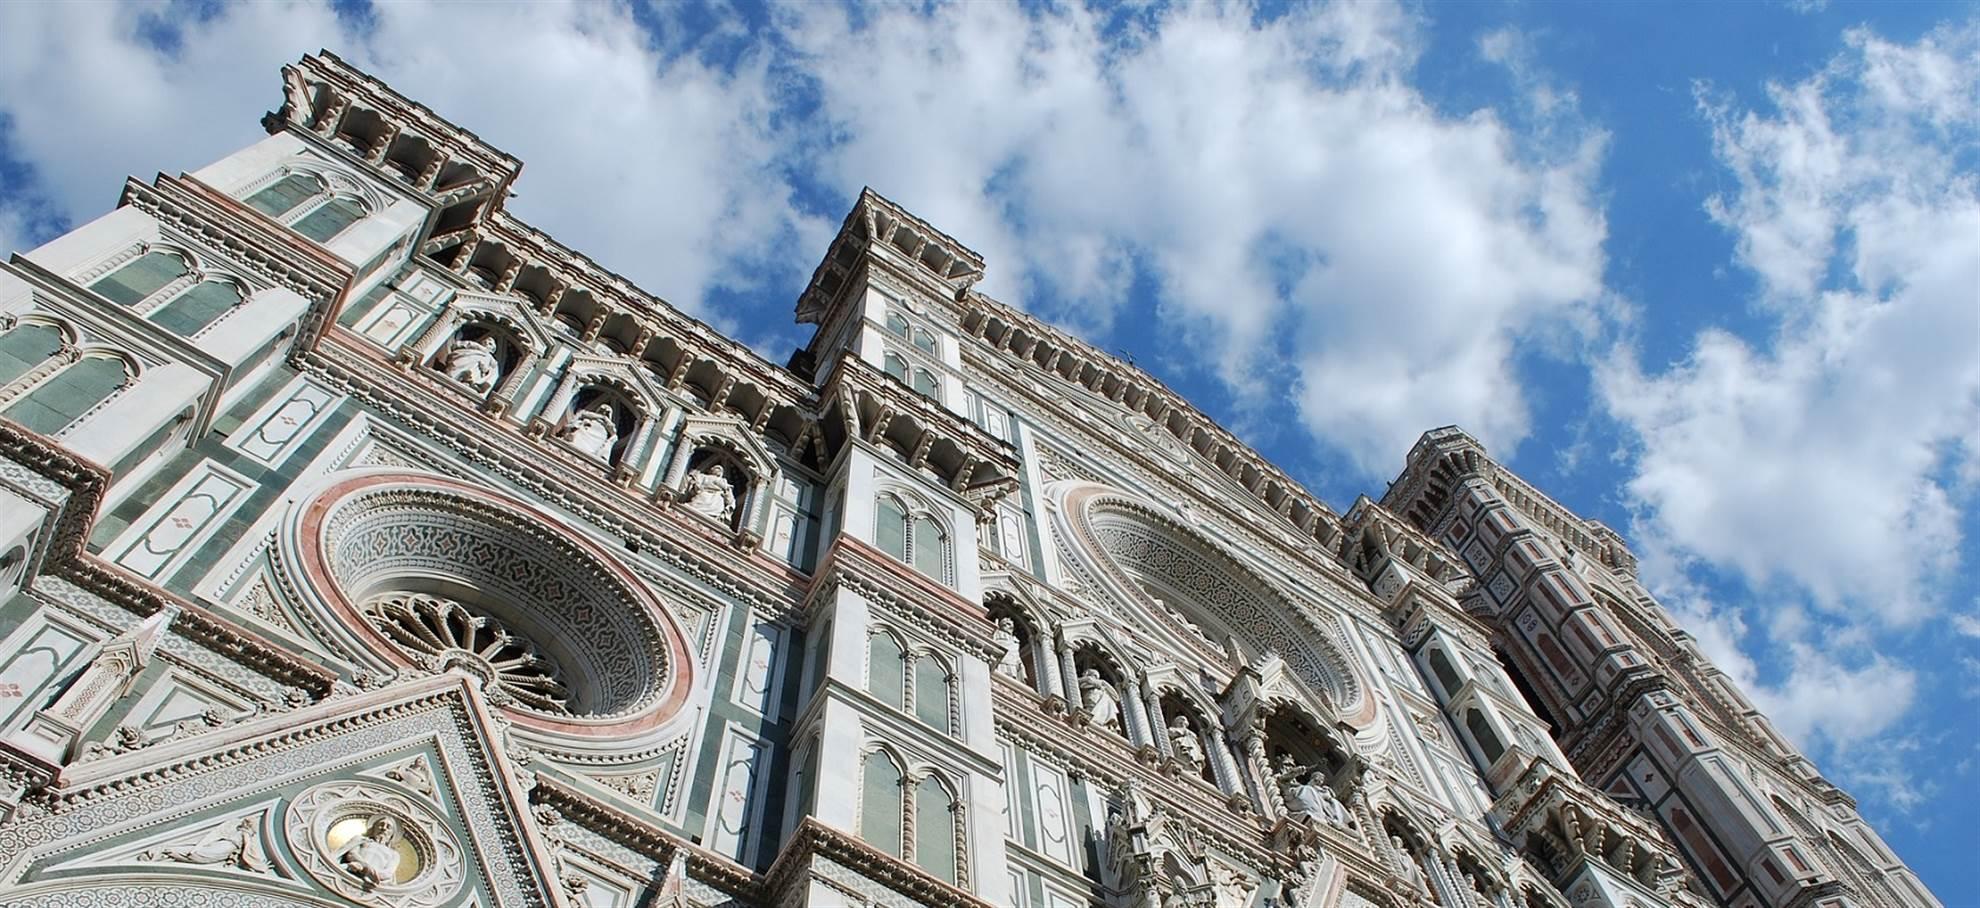 Pase de los museos de la Piazza del Duomo